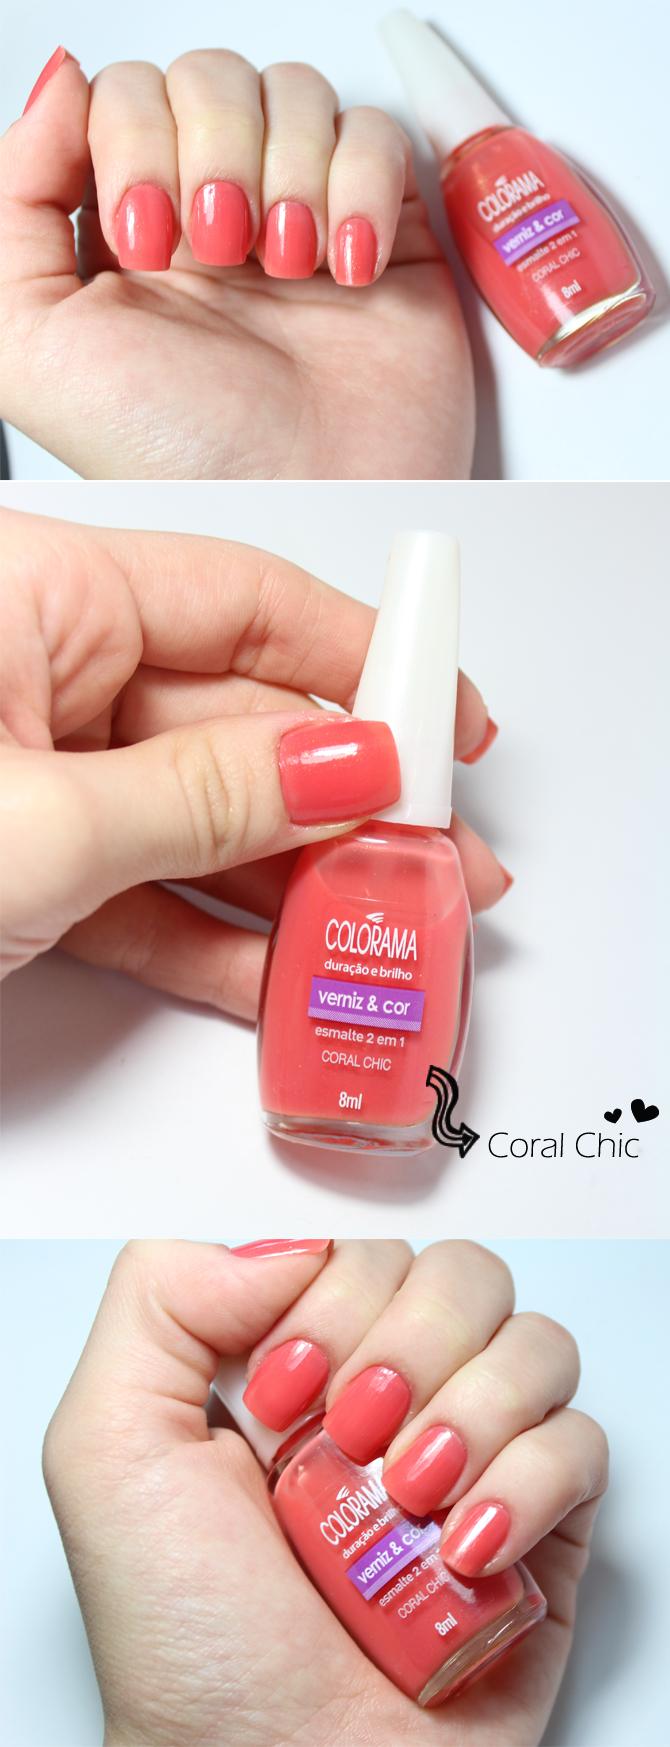 coral chic colorama